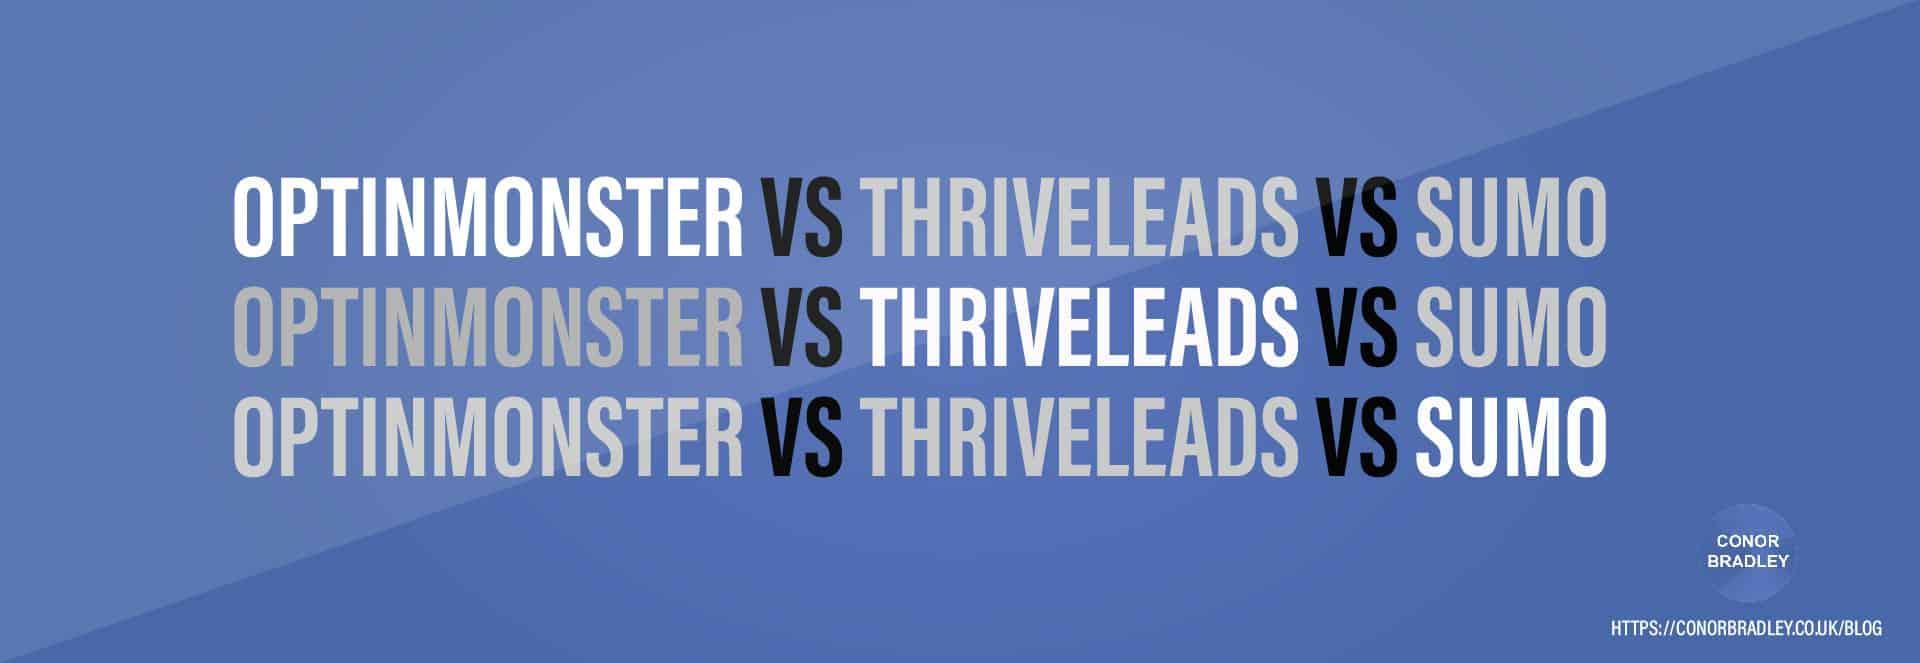 OptinMonster VS ThriveLeads VS Sumo Banner